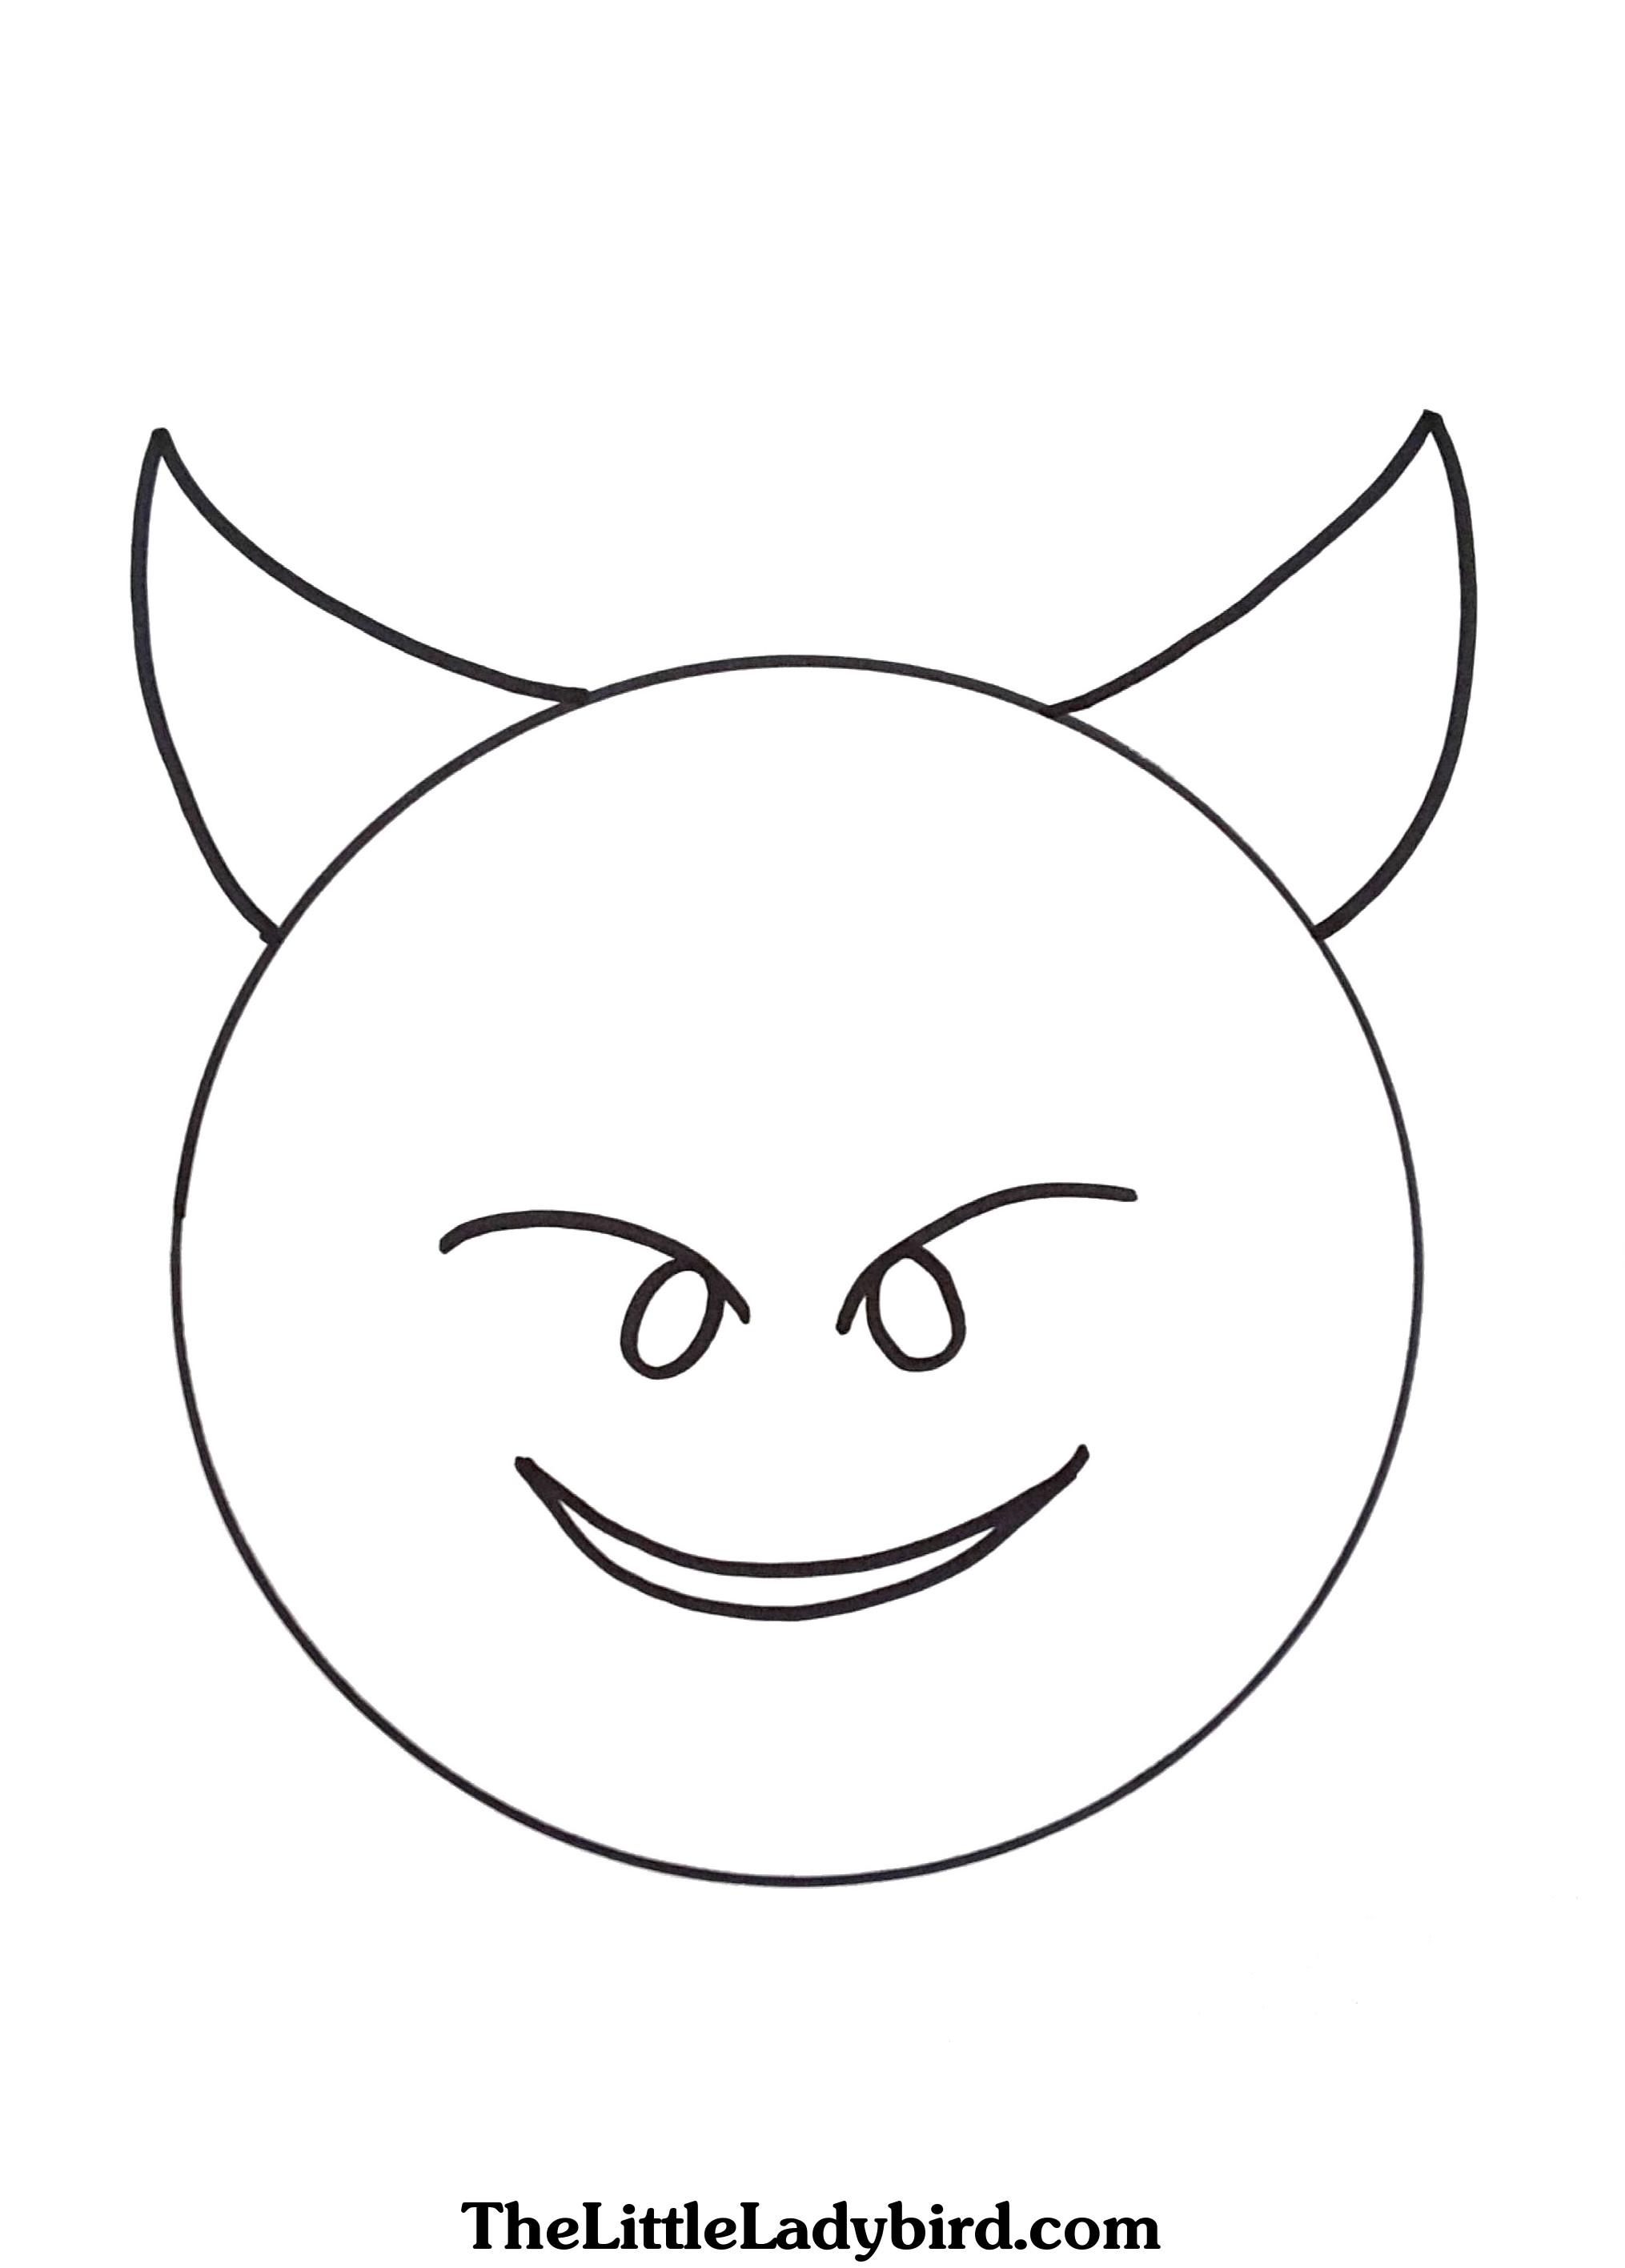 2030x2834 Just Arrived Poop Emoji Coloring Page Drawing